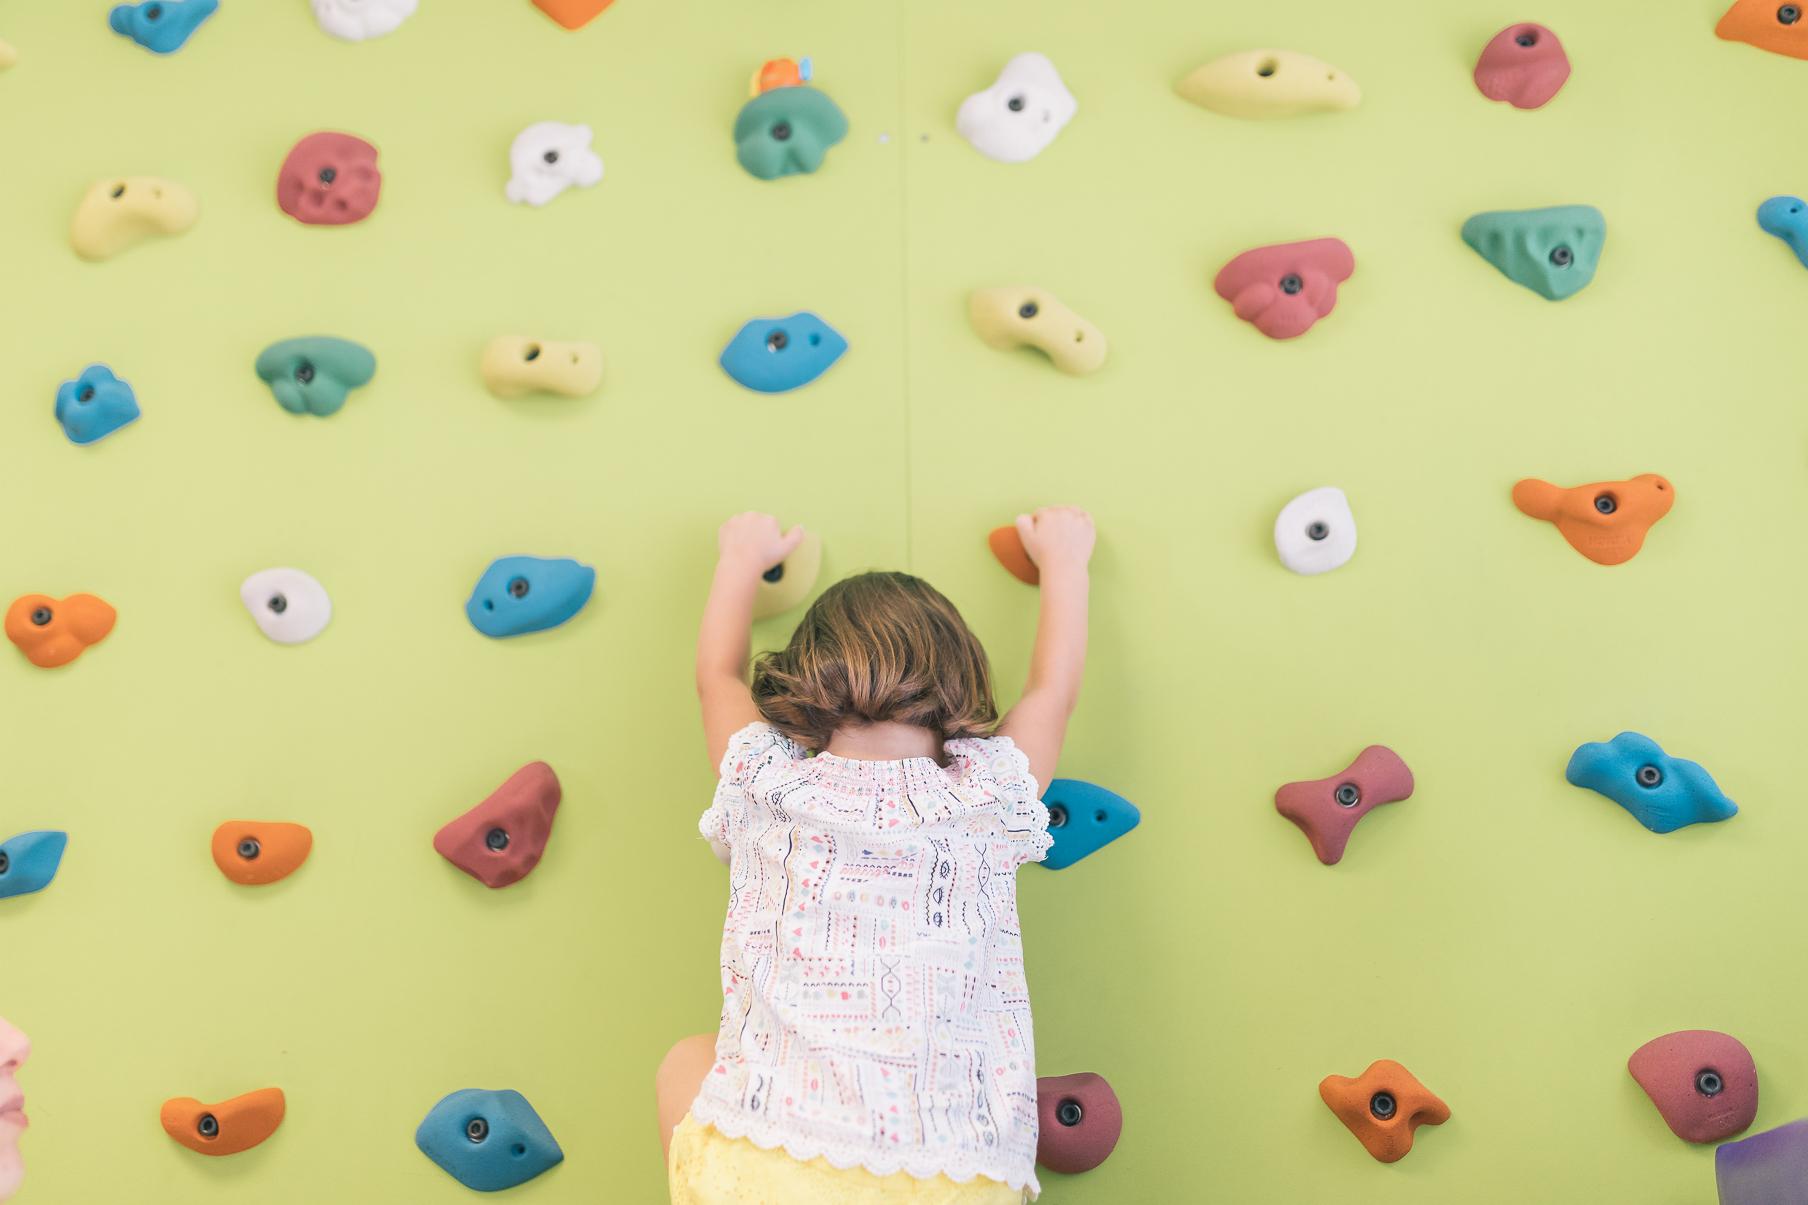 Niño/a escalando rocodromo